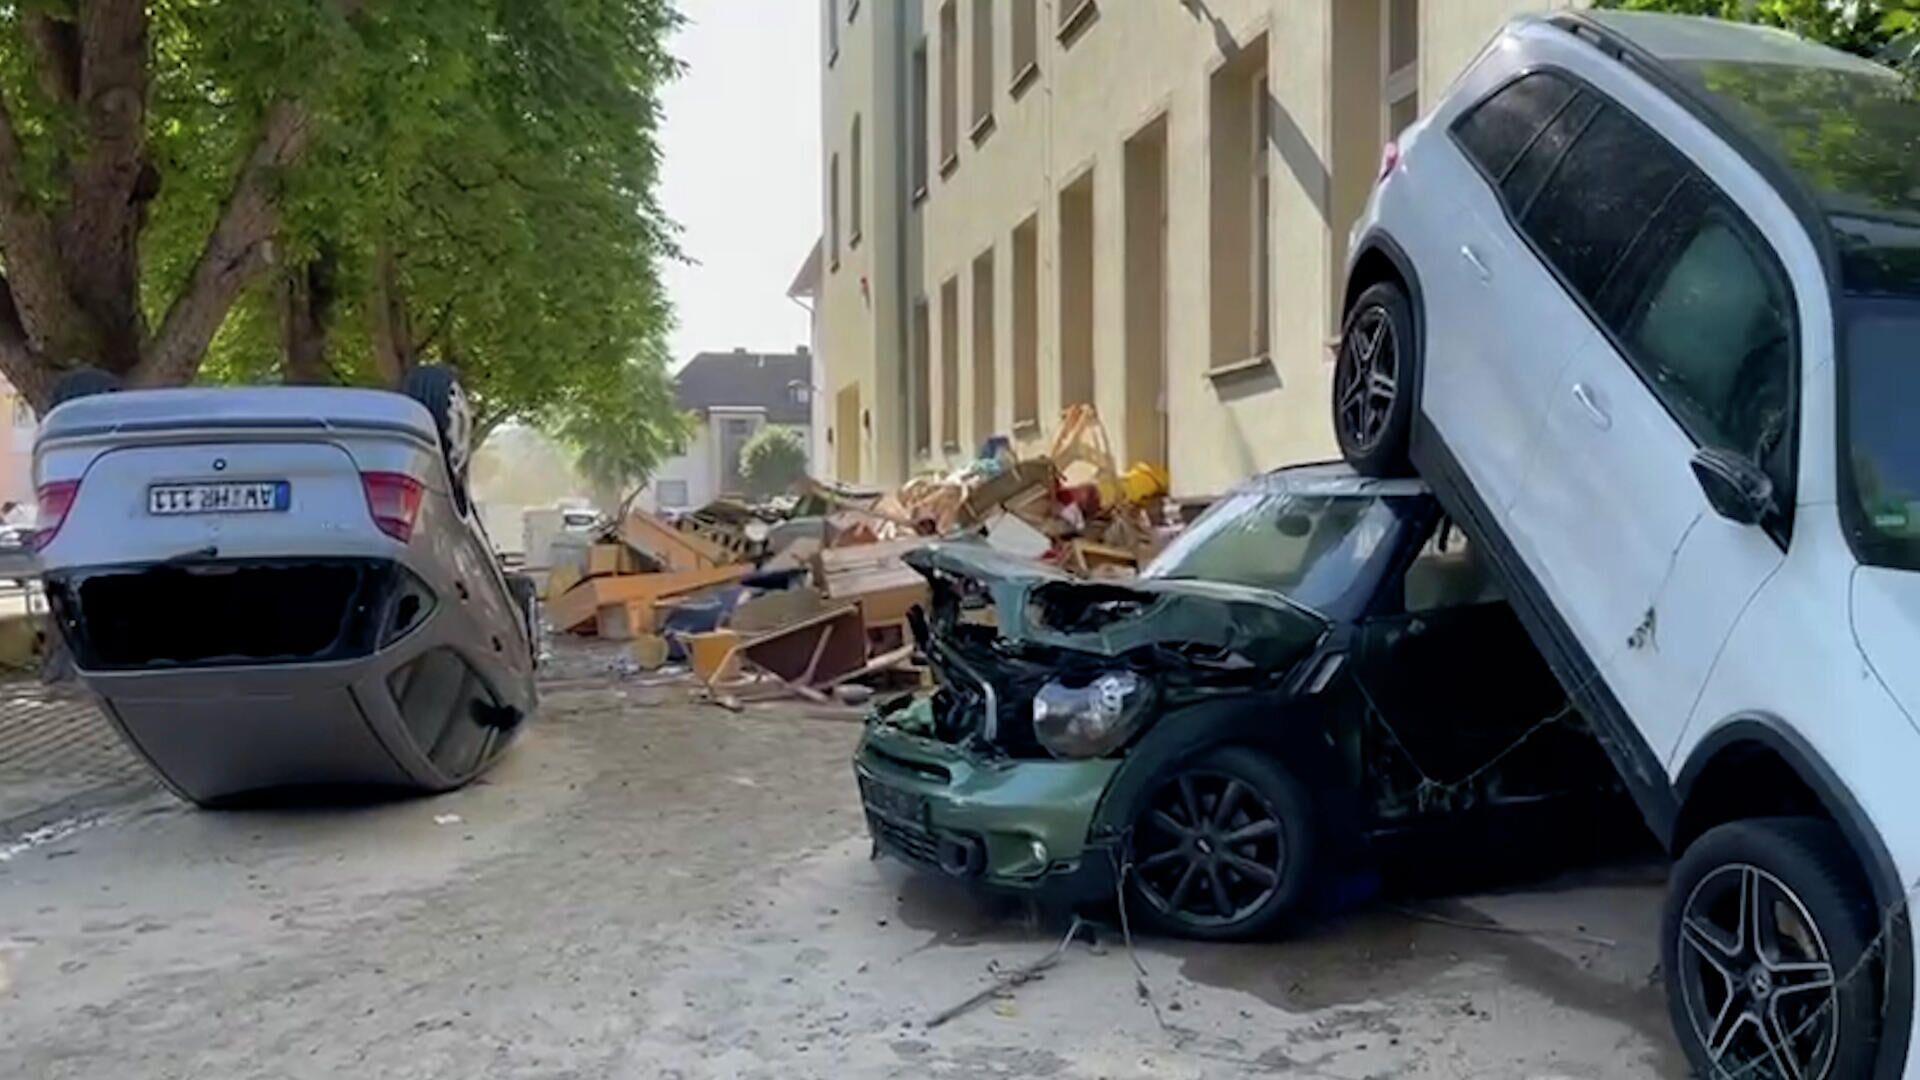 Наводнения в Германии: число жертв растет, введен режим ЧС - РИА Новости, 1920, 19.07.2021